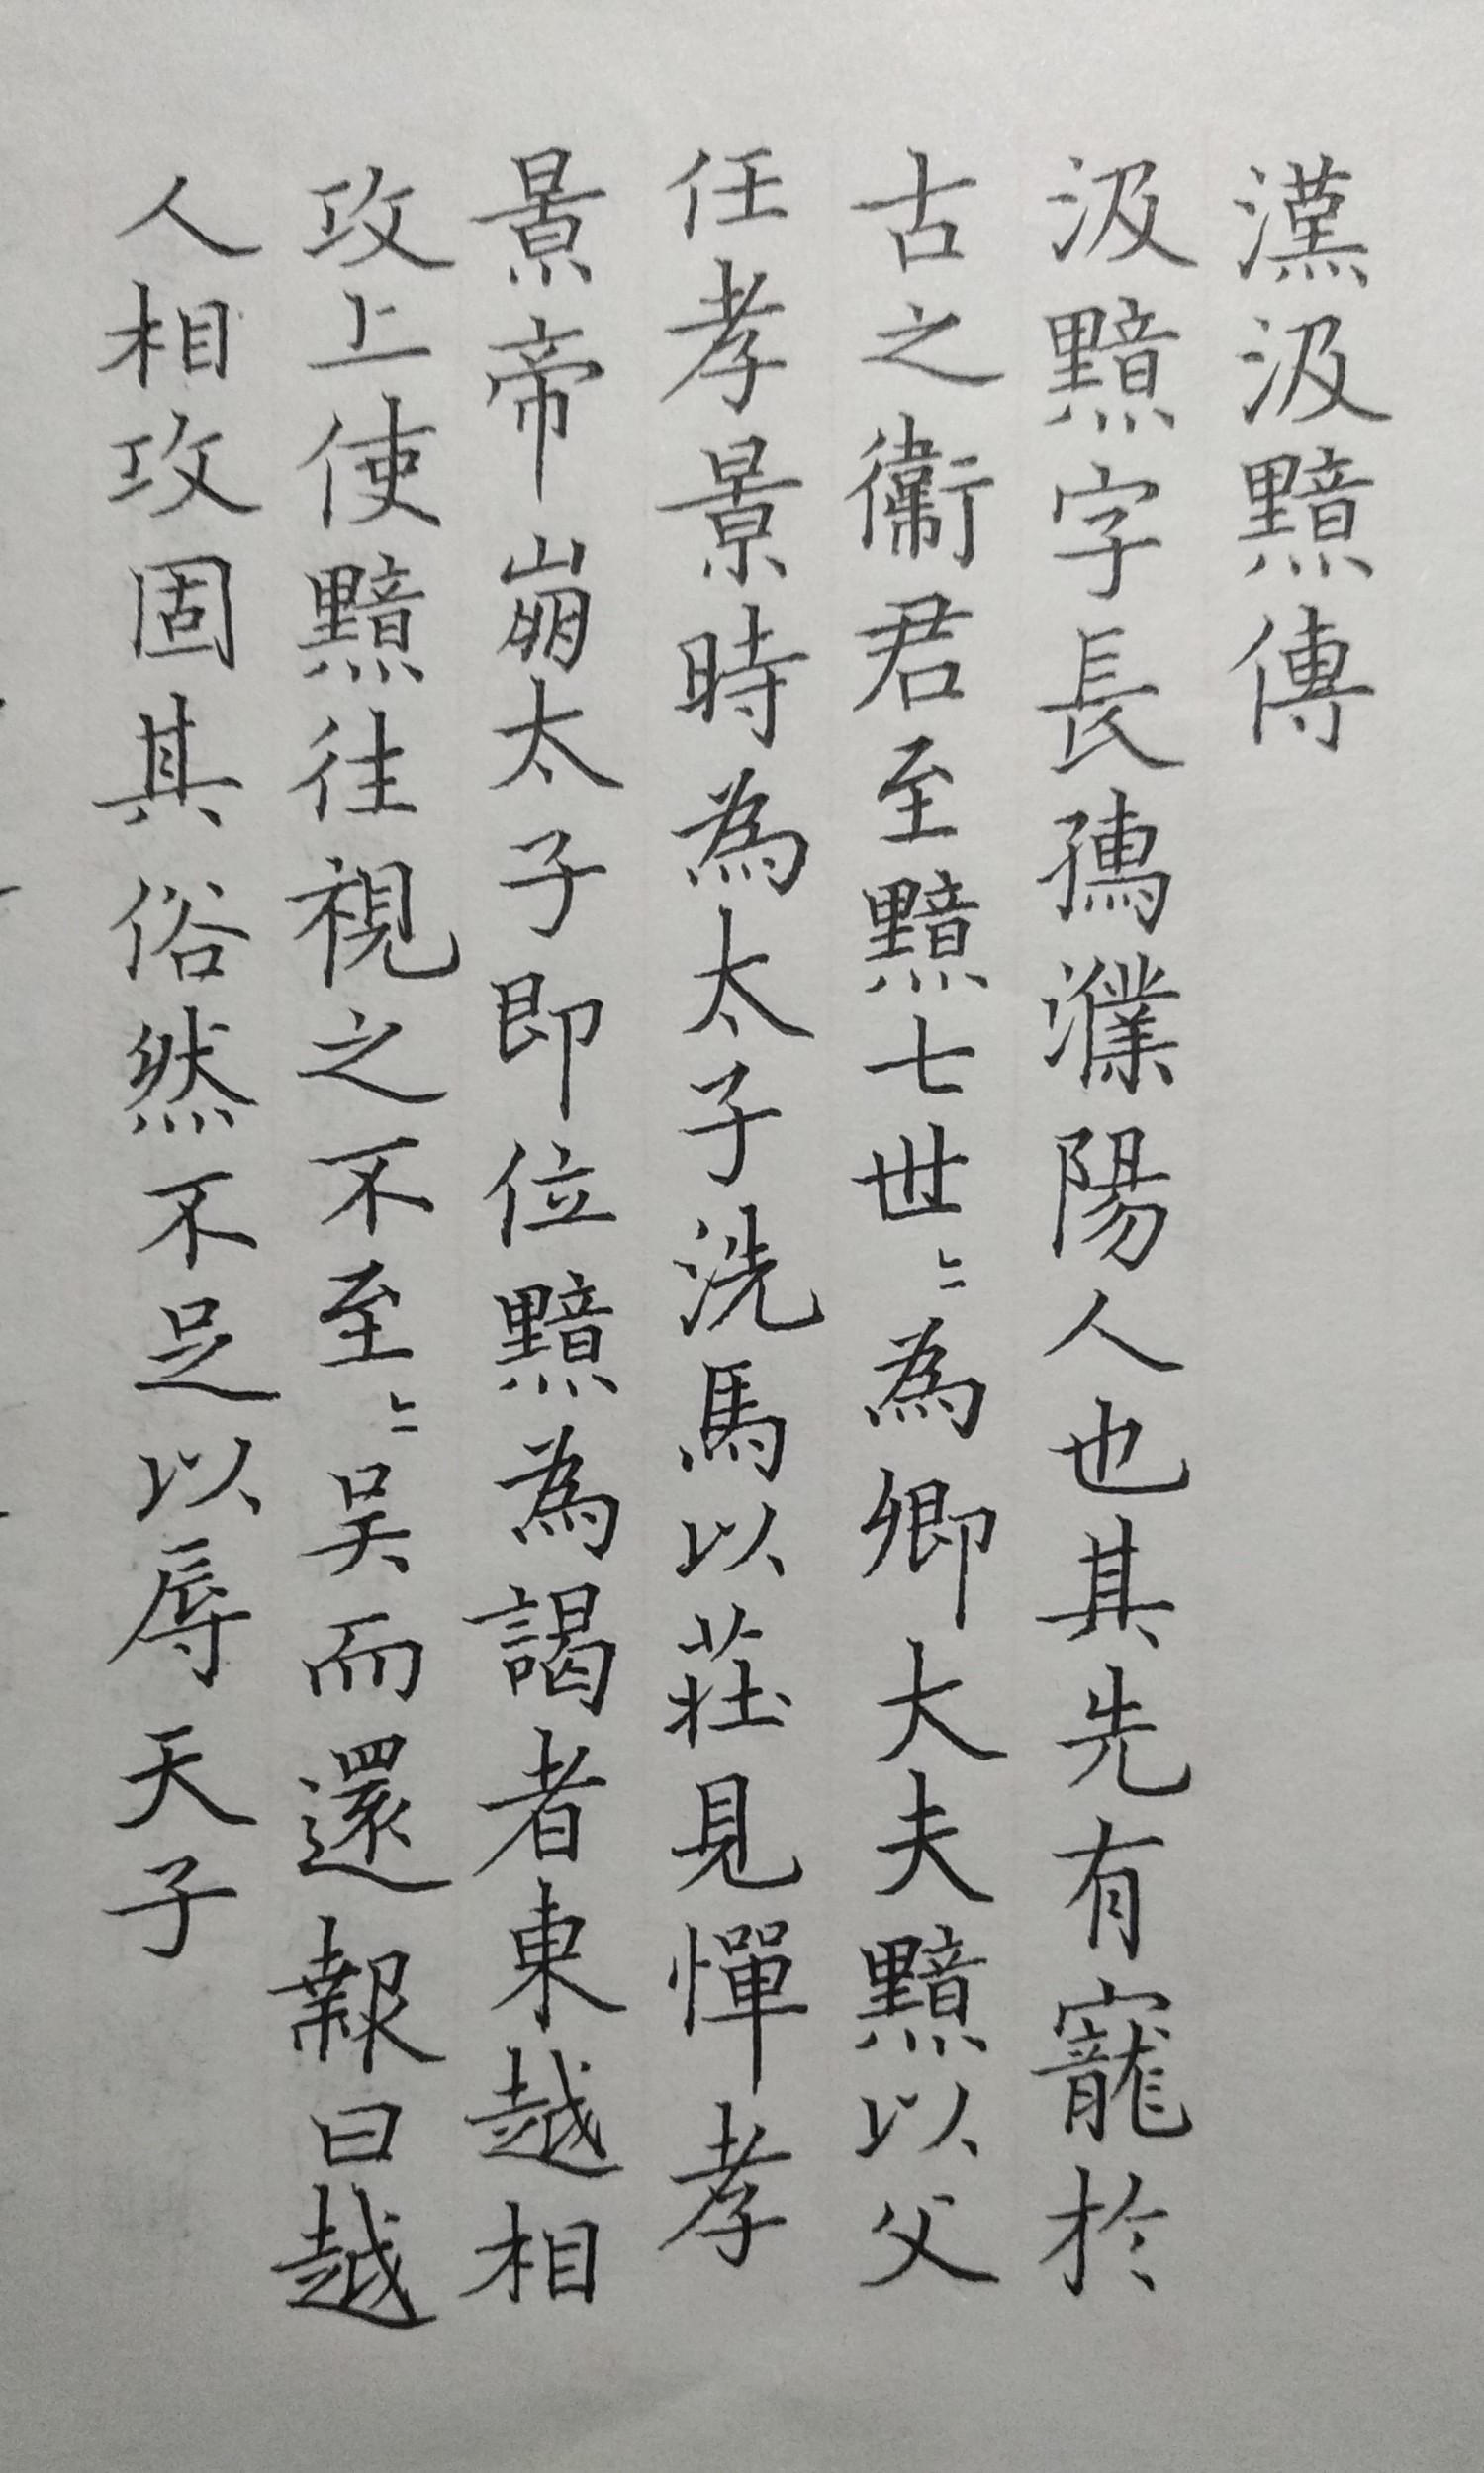 钢笔书法练字打卡20210615-19